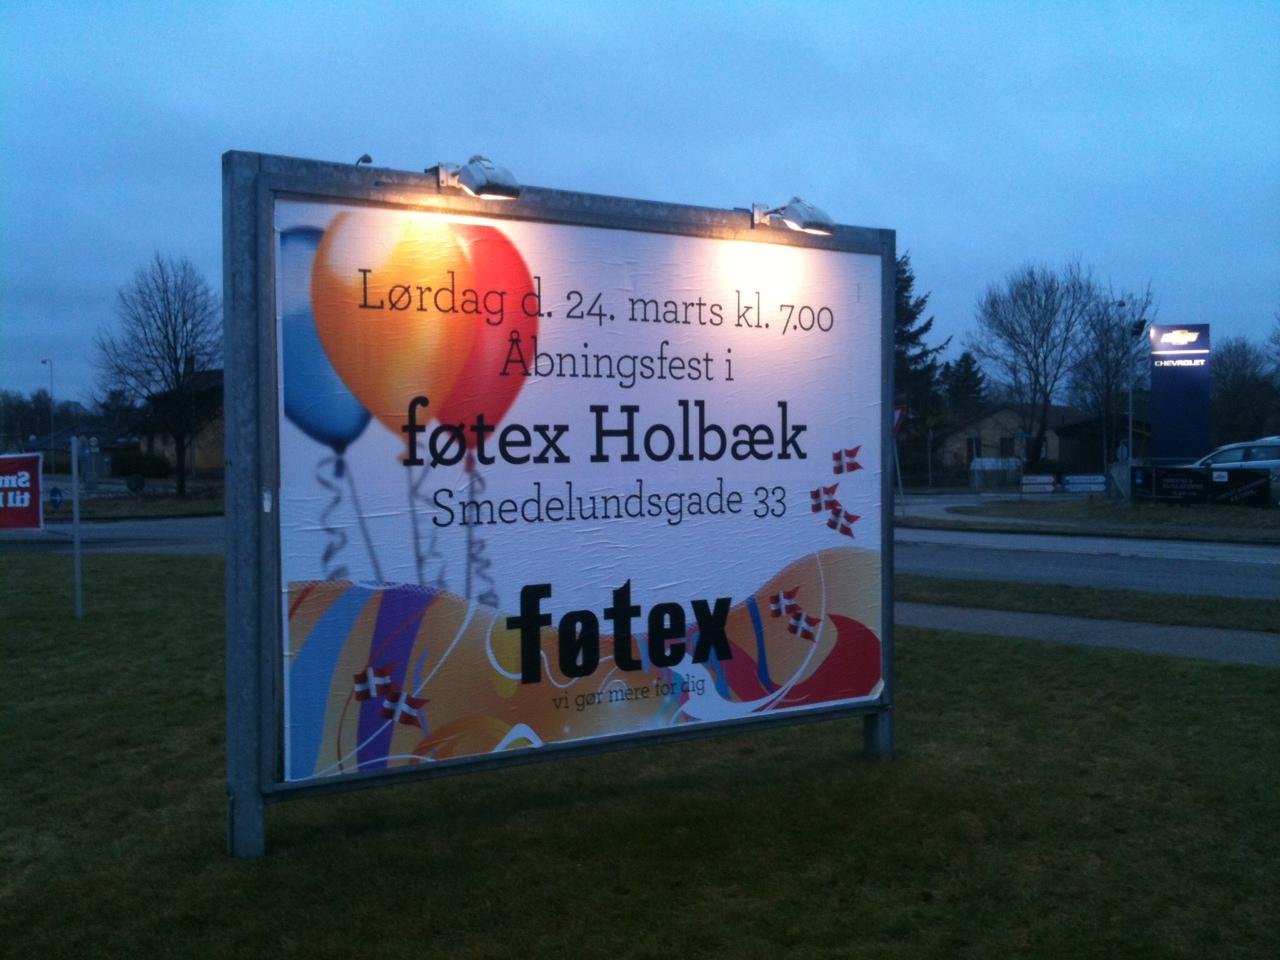 Nu åbner Føtex Holbaekonlinedk